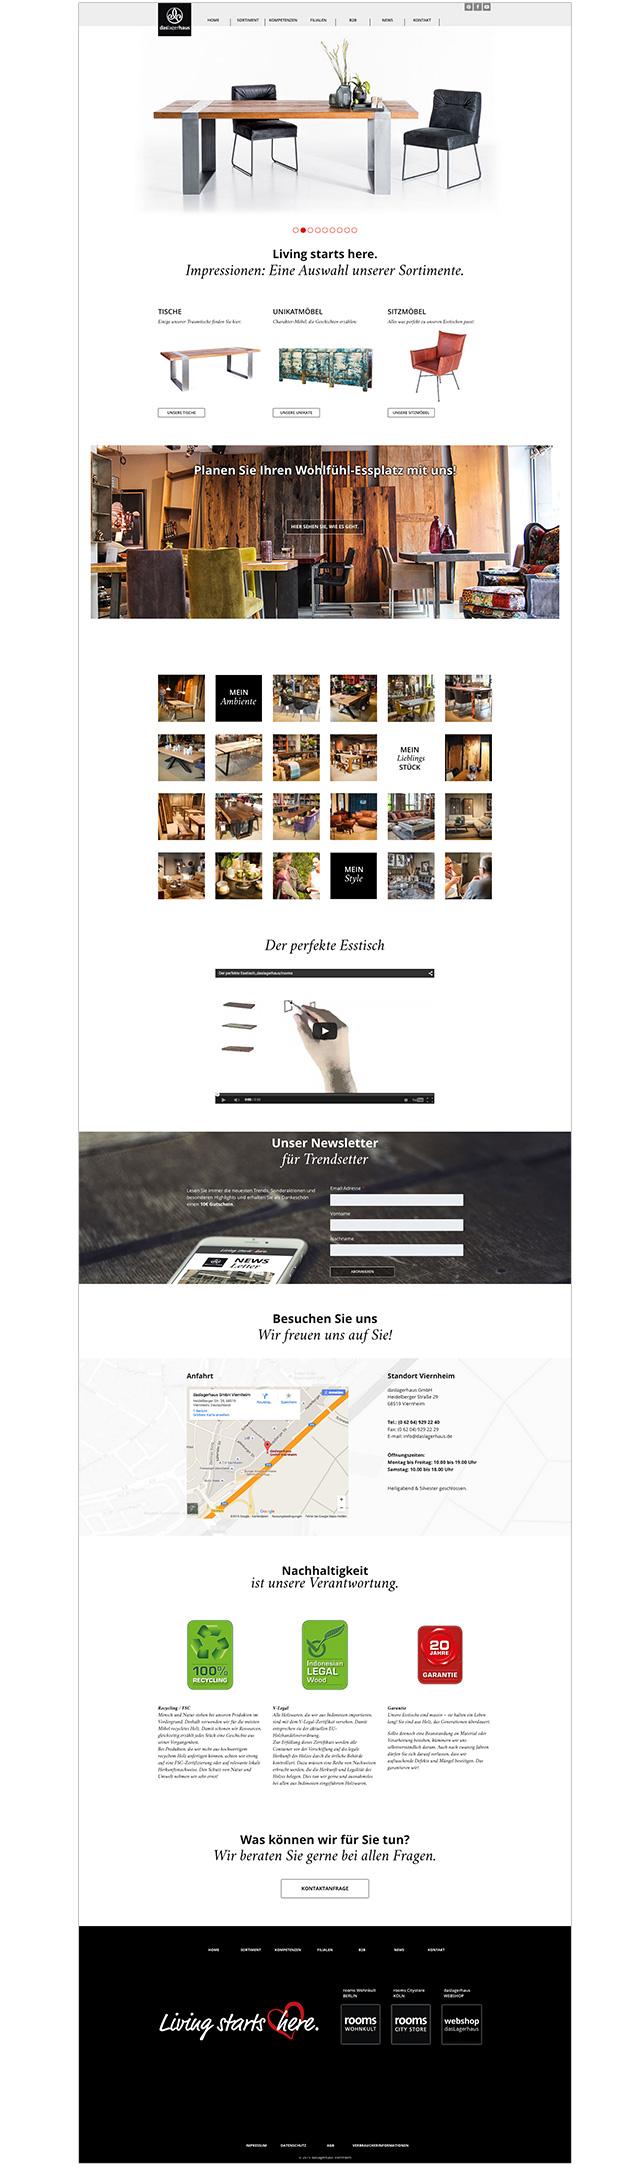 Die Multisite-E-Commerce-Webplattform basiert auf dem benutzerfreundlichen CMS Wordpress